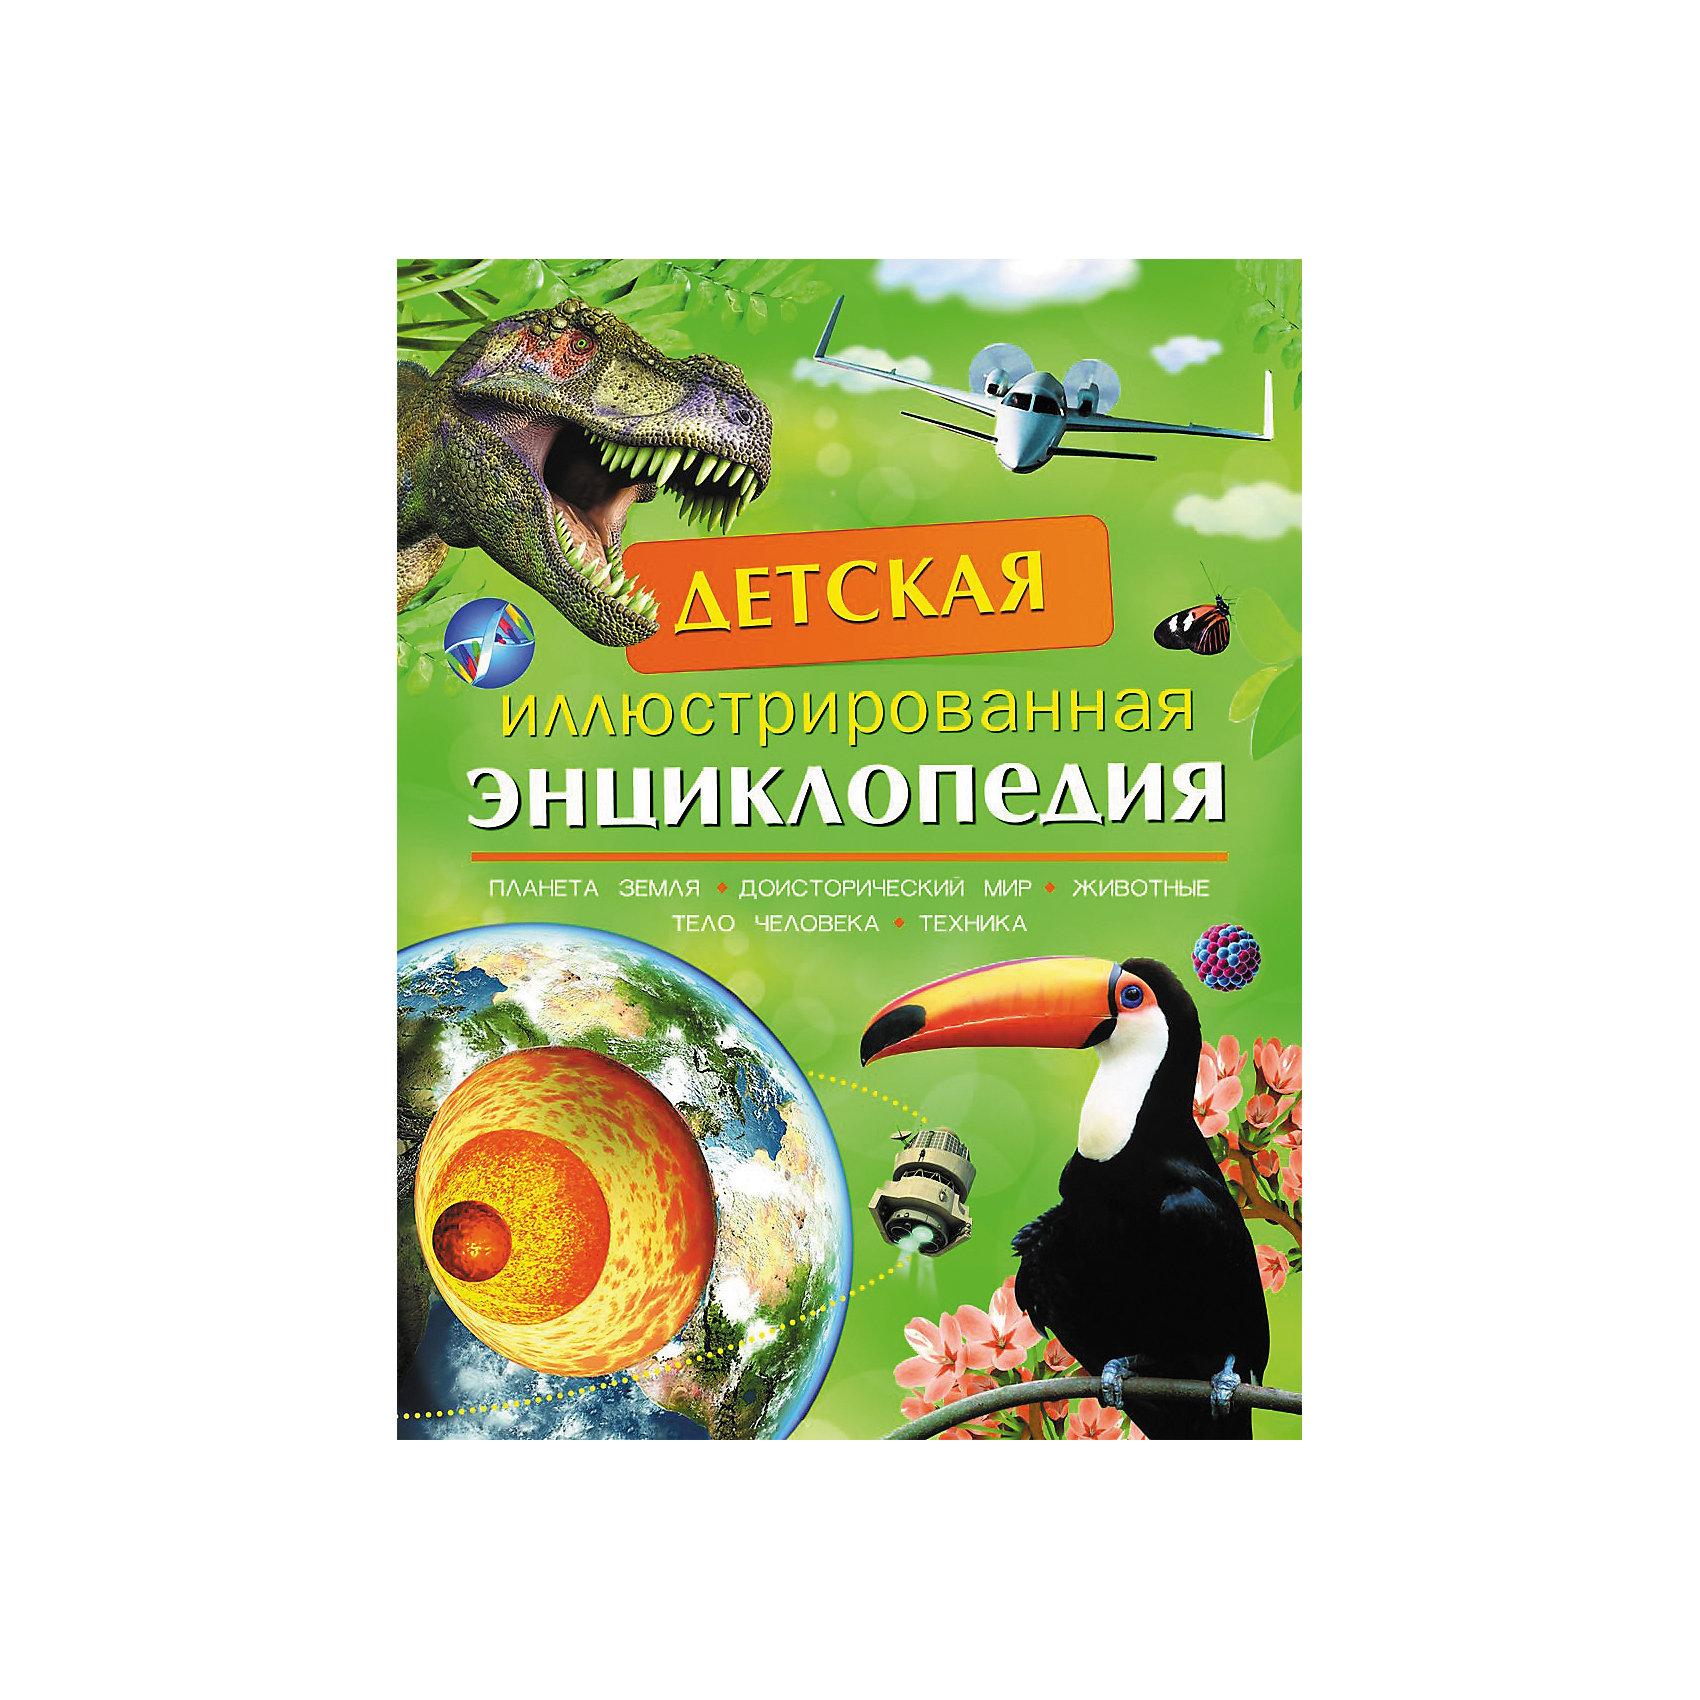 Росмэн Детская иллюстрированная энциклопедия книга новая детская энциклопедия